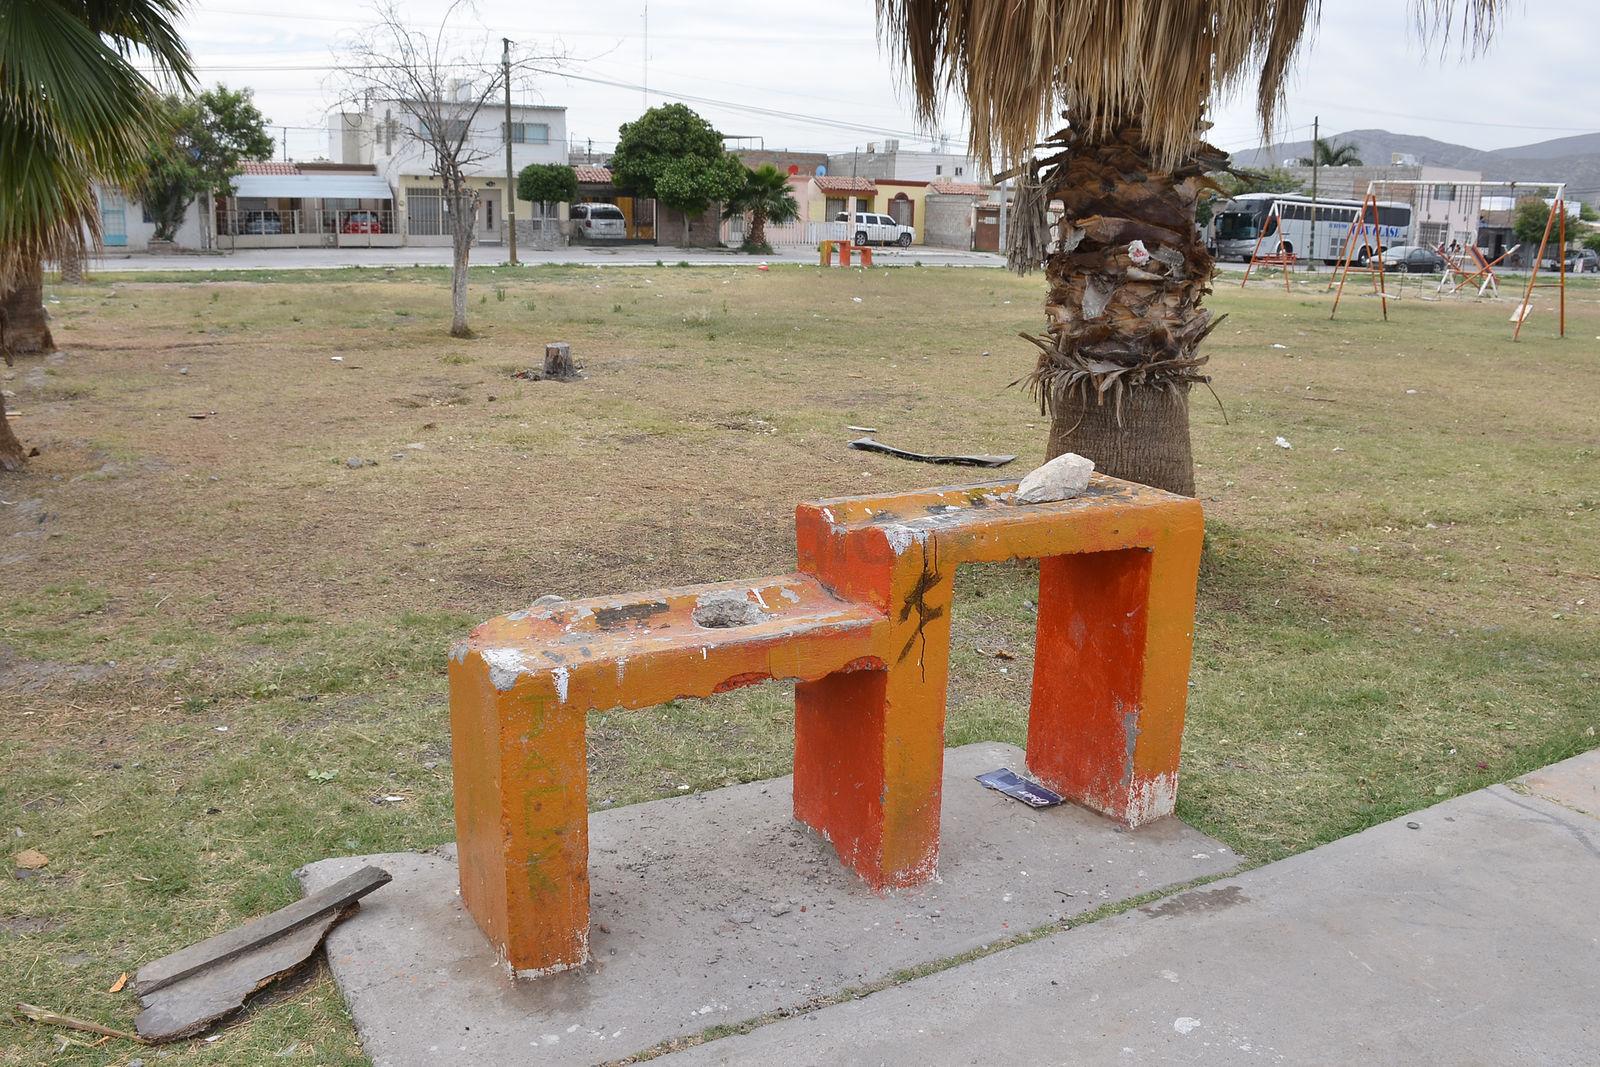 Así es como lucen los bebederos de agua de la plaza de la colonia Prados del Oriente. Están completamente fuera de función, con grafiti y hasta piedras en los ductos donde sale la tubería.